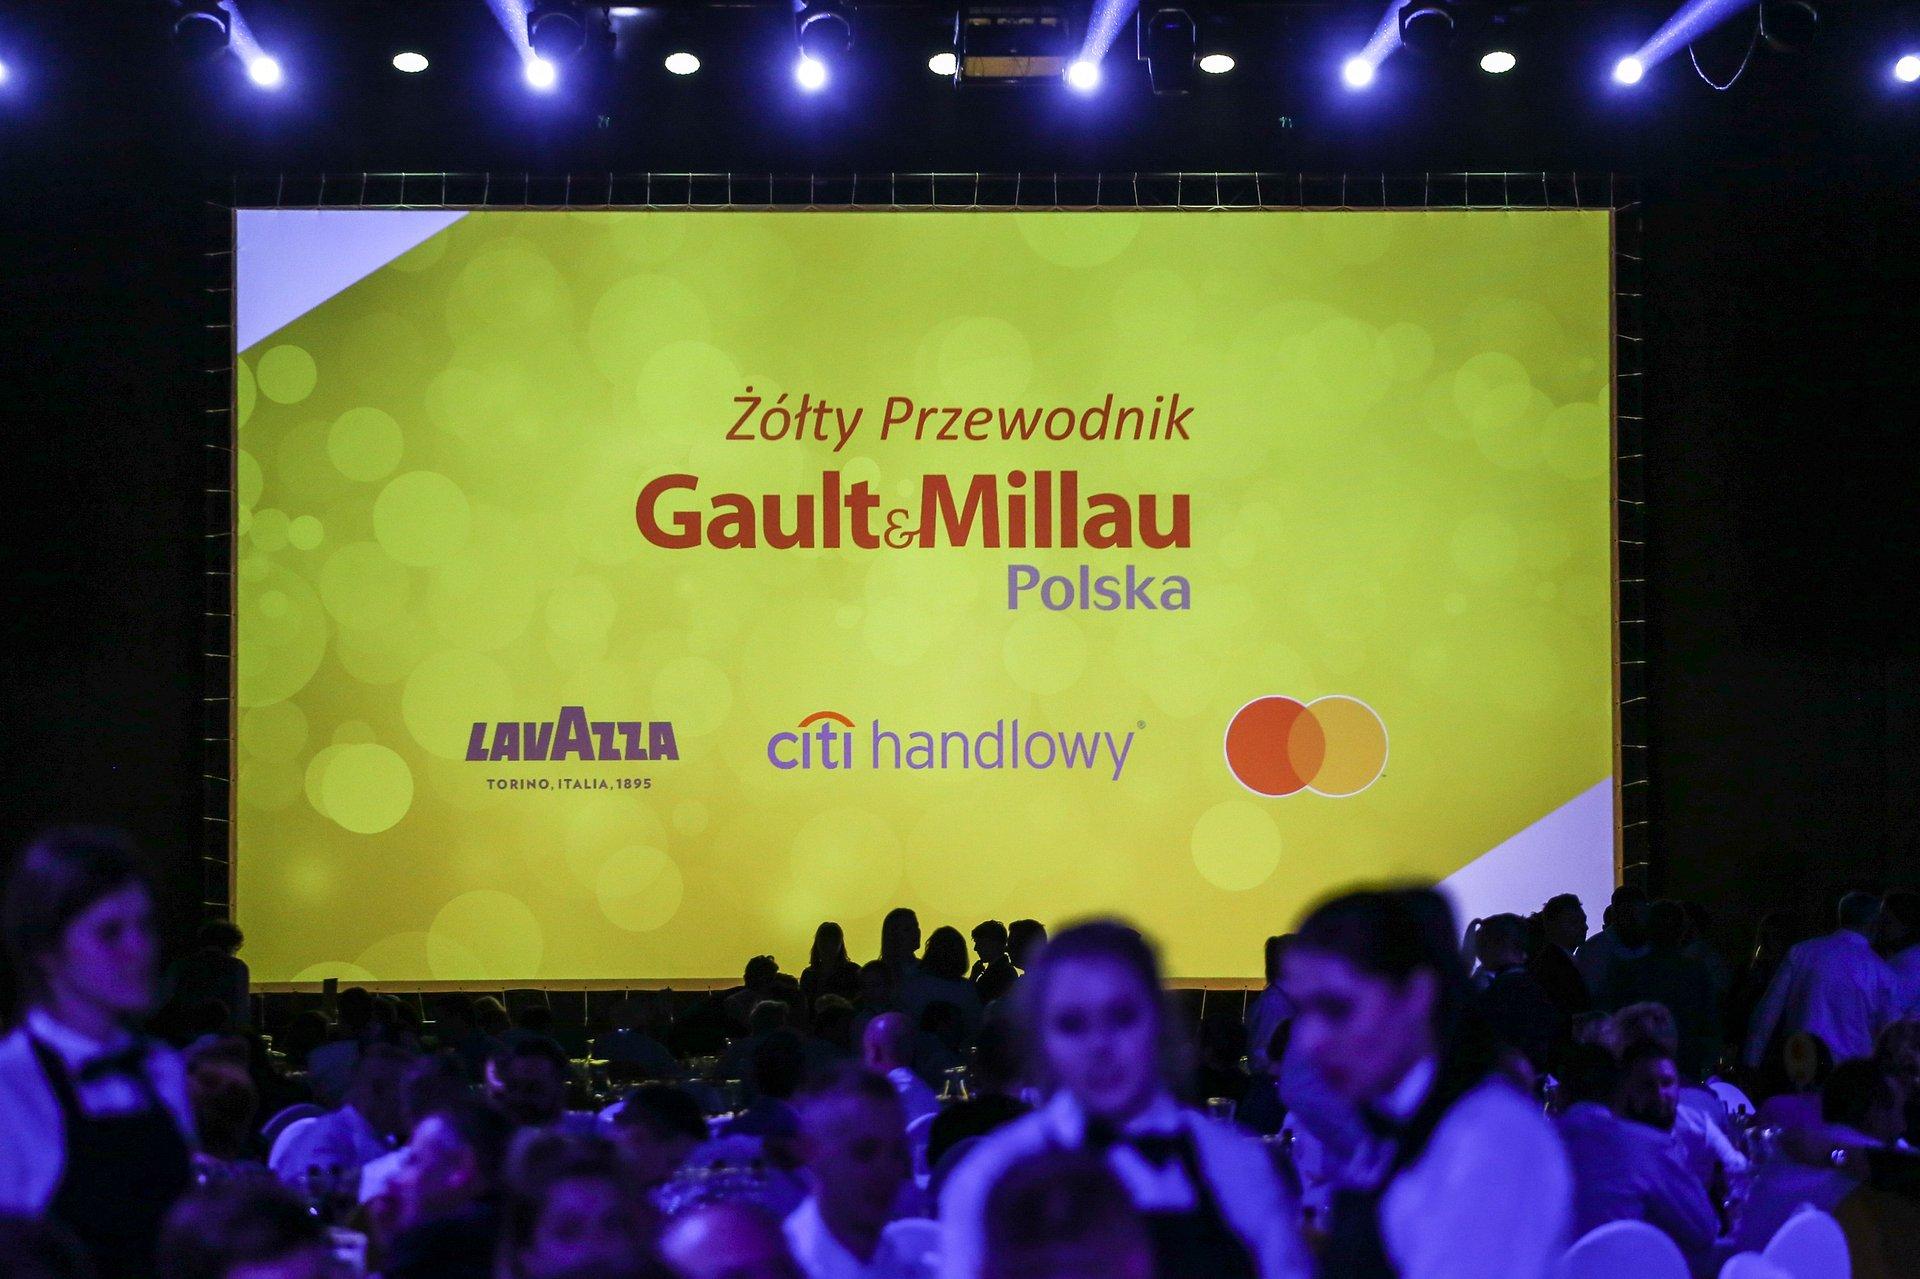 """Citi Handlowy kontynuuje współpracę z Żółtym Przewodnikiem Gault&Millau i nagradza """"Szefa Jutra"""""""